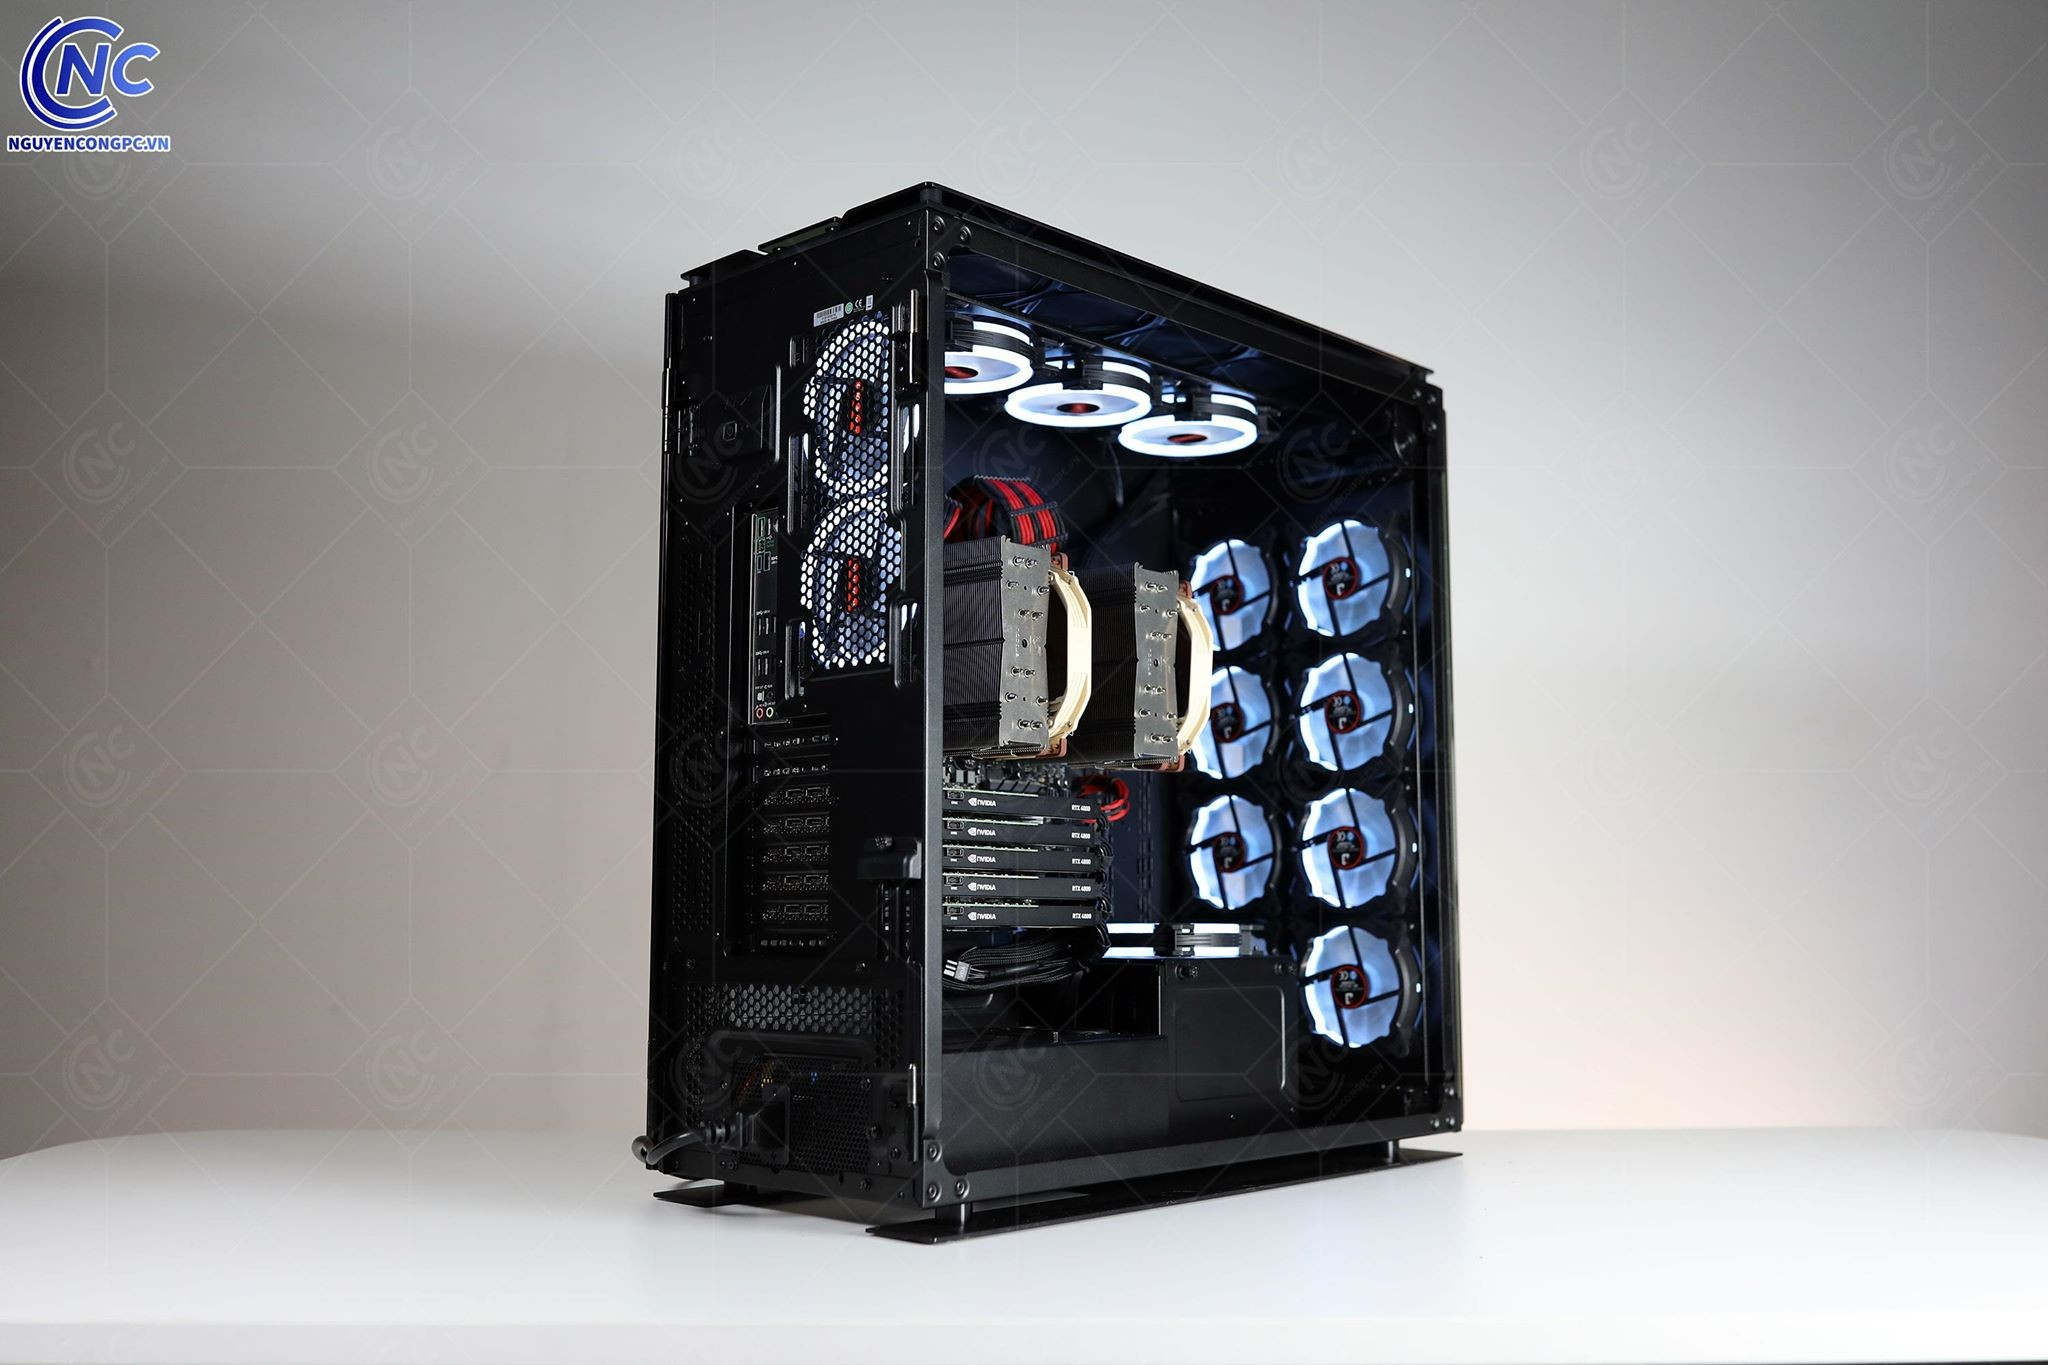 bộ PC khủng nhất Việt Nam